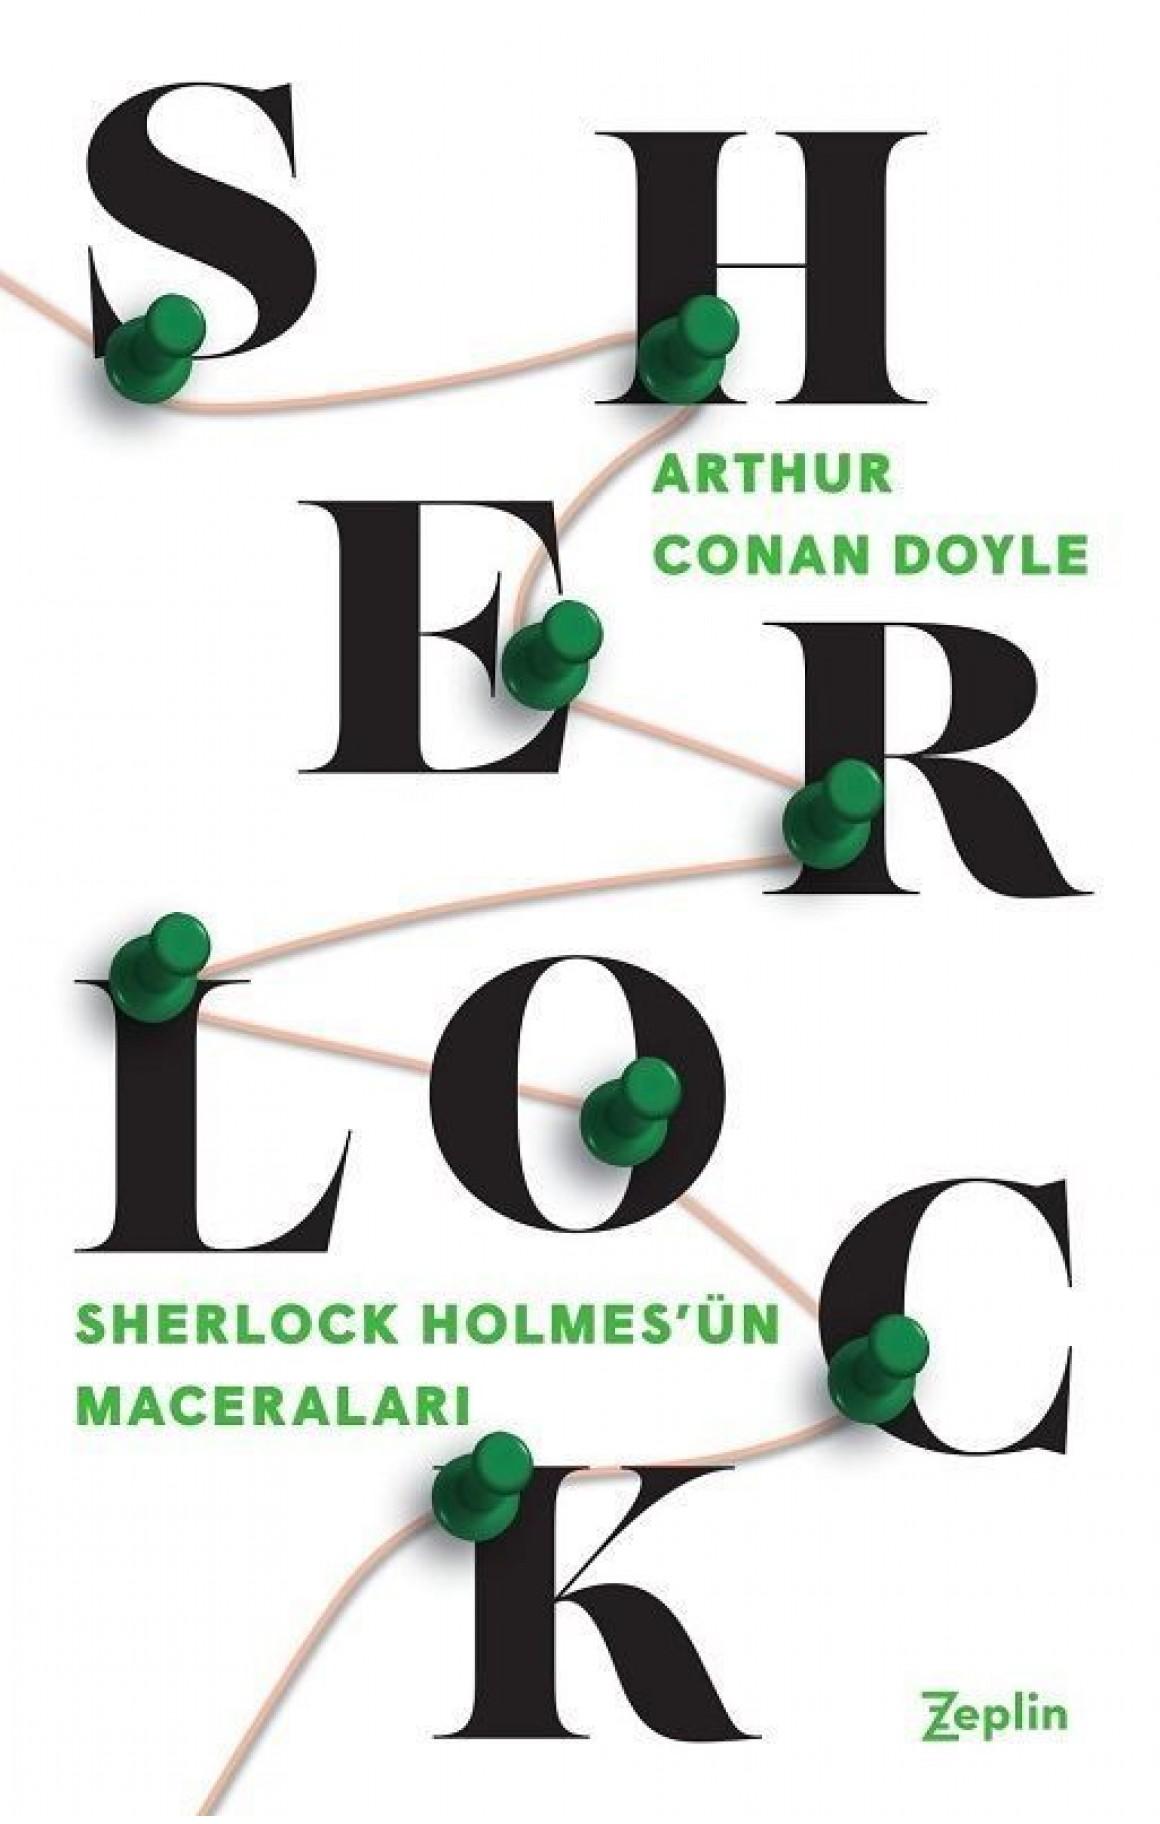 Sherlock Holmes-Sherlock Holmesün Maceraları